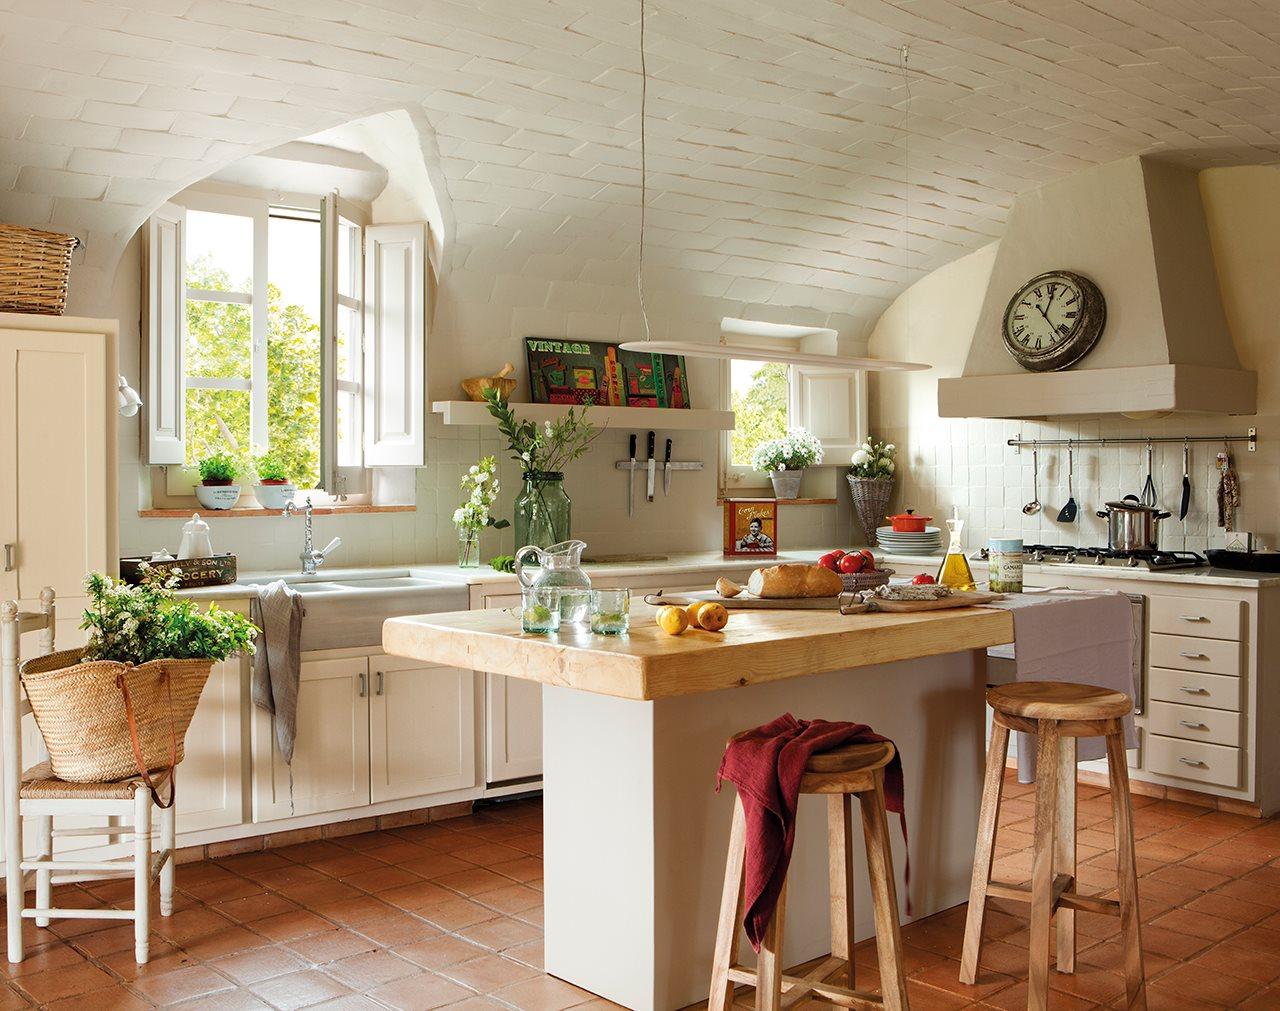 Moderno Isla De Cocina Con Fregadero En Venta Ornamento - Como ...